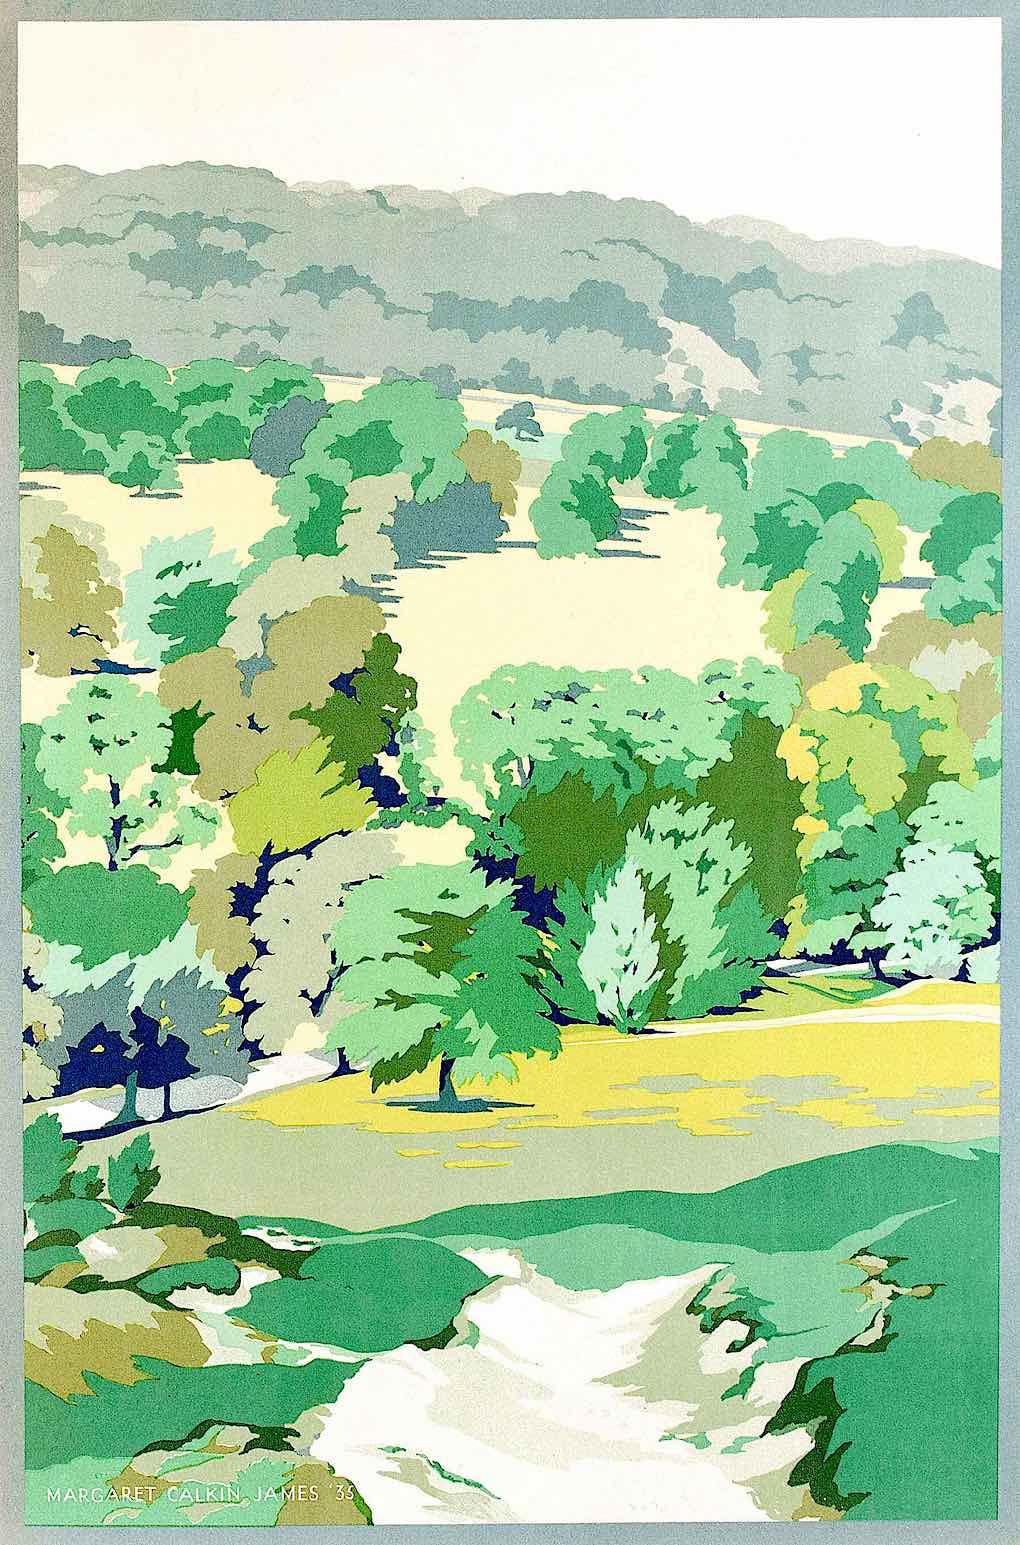 Margaret Calkin James poster art 1935 landscape